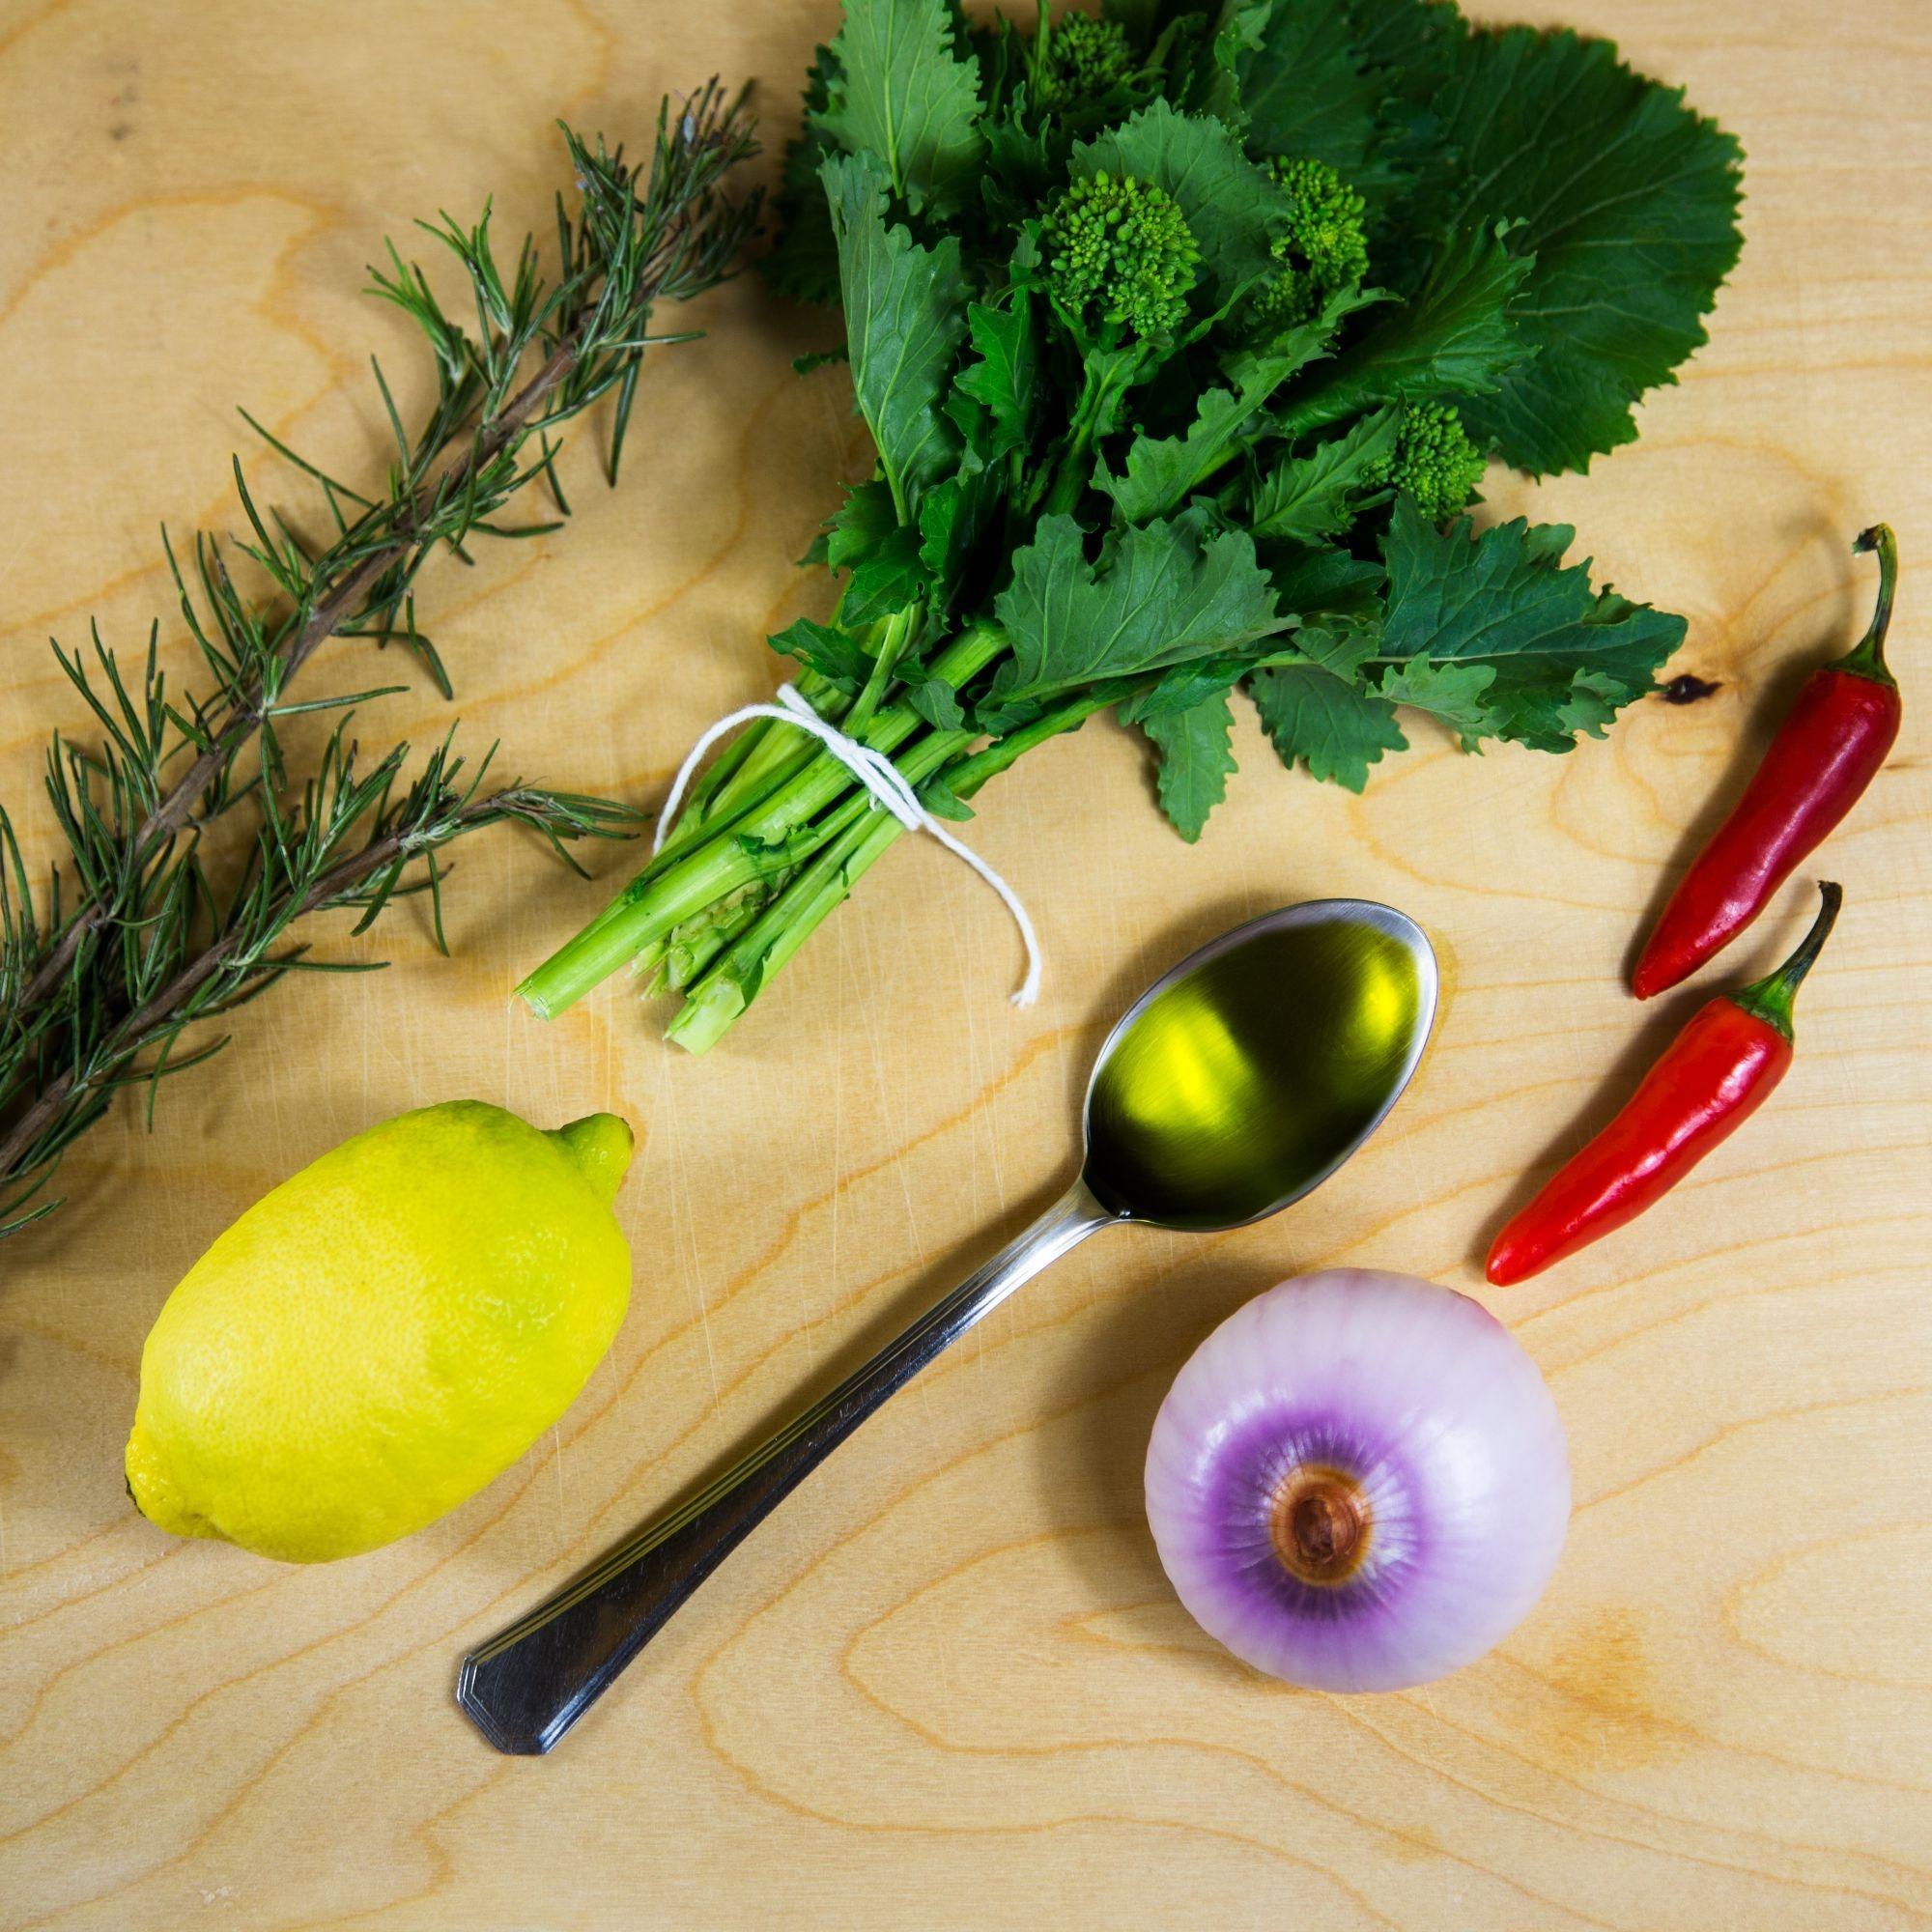 Come riconoscere l'olio extra vergine di oliva